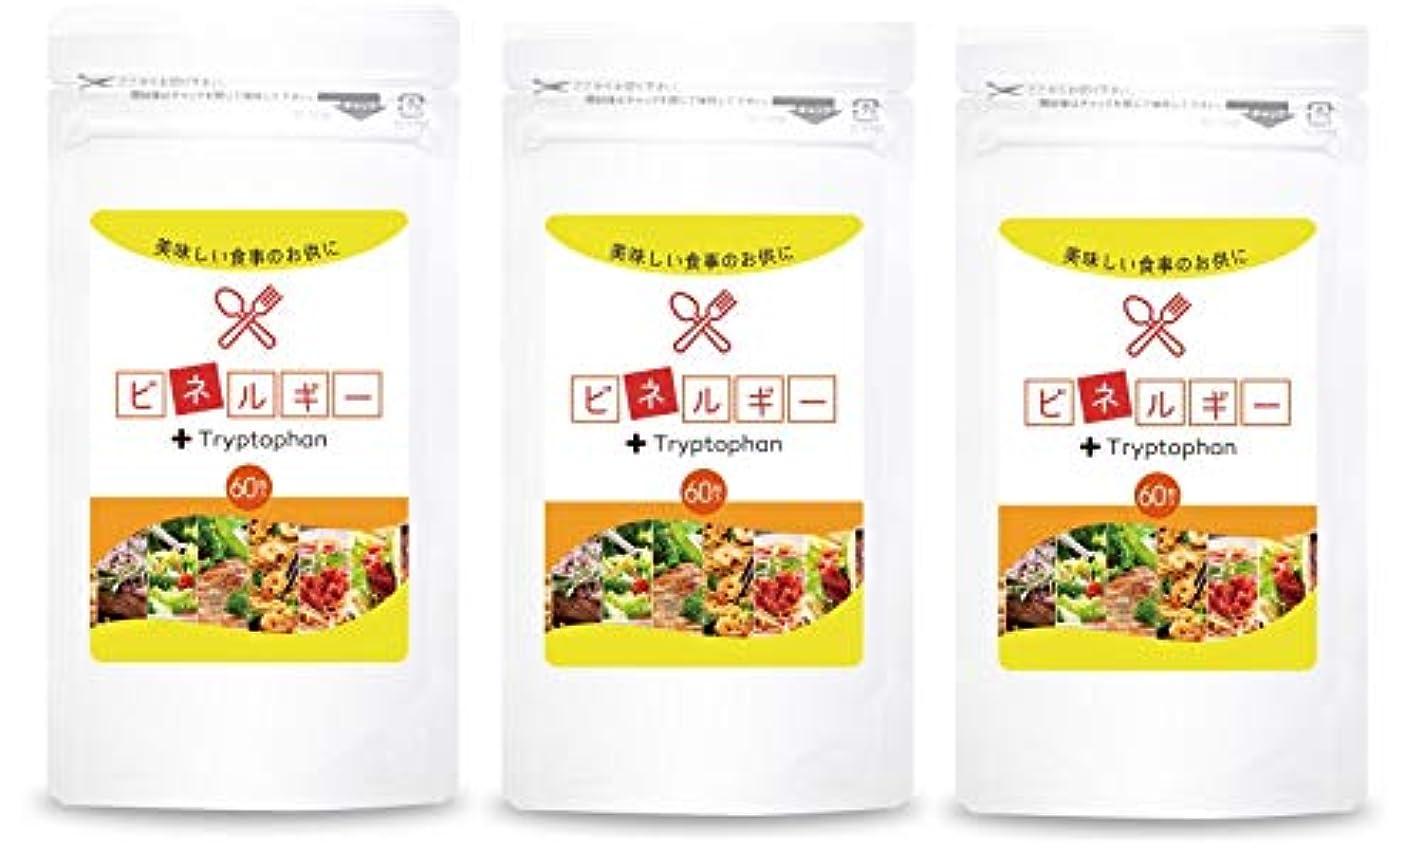 露骨な否認する支給糖質 ダイエット サプリ ビネルギー フォルスコリ サプリメント 60粒30日分 (3個セット)